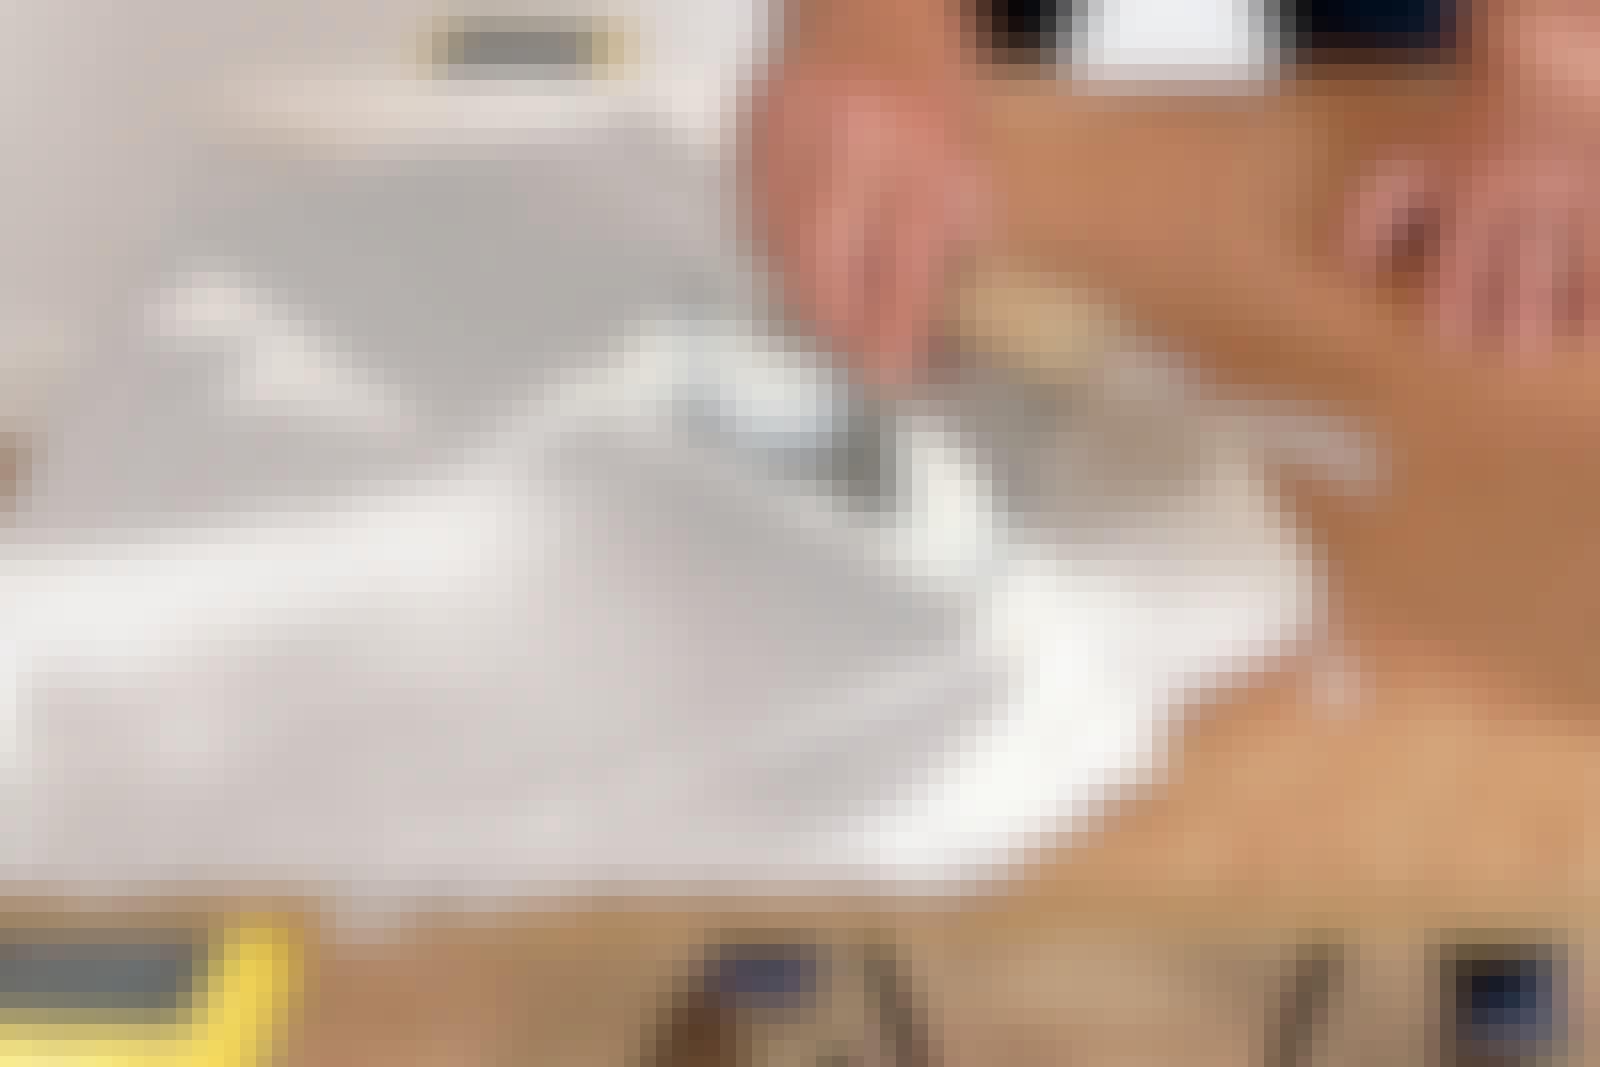 Linoleum: Med en spartel påføres hvid trælim i et ensartet, jævnt lag.